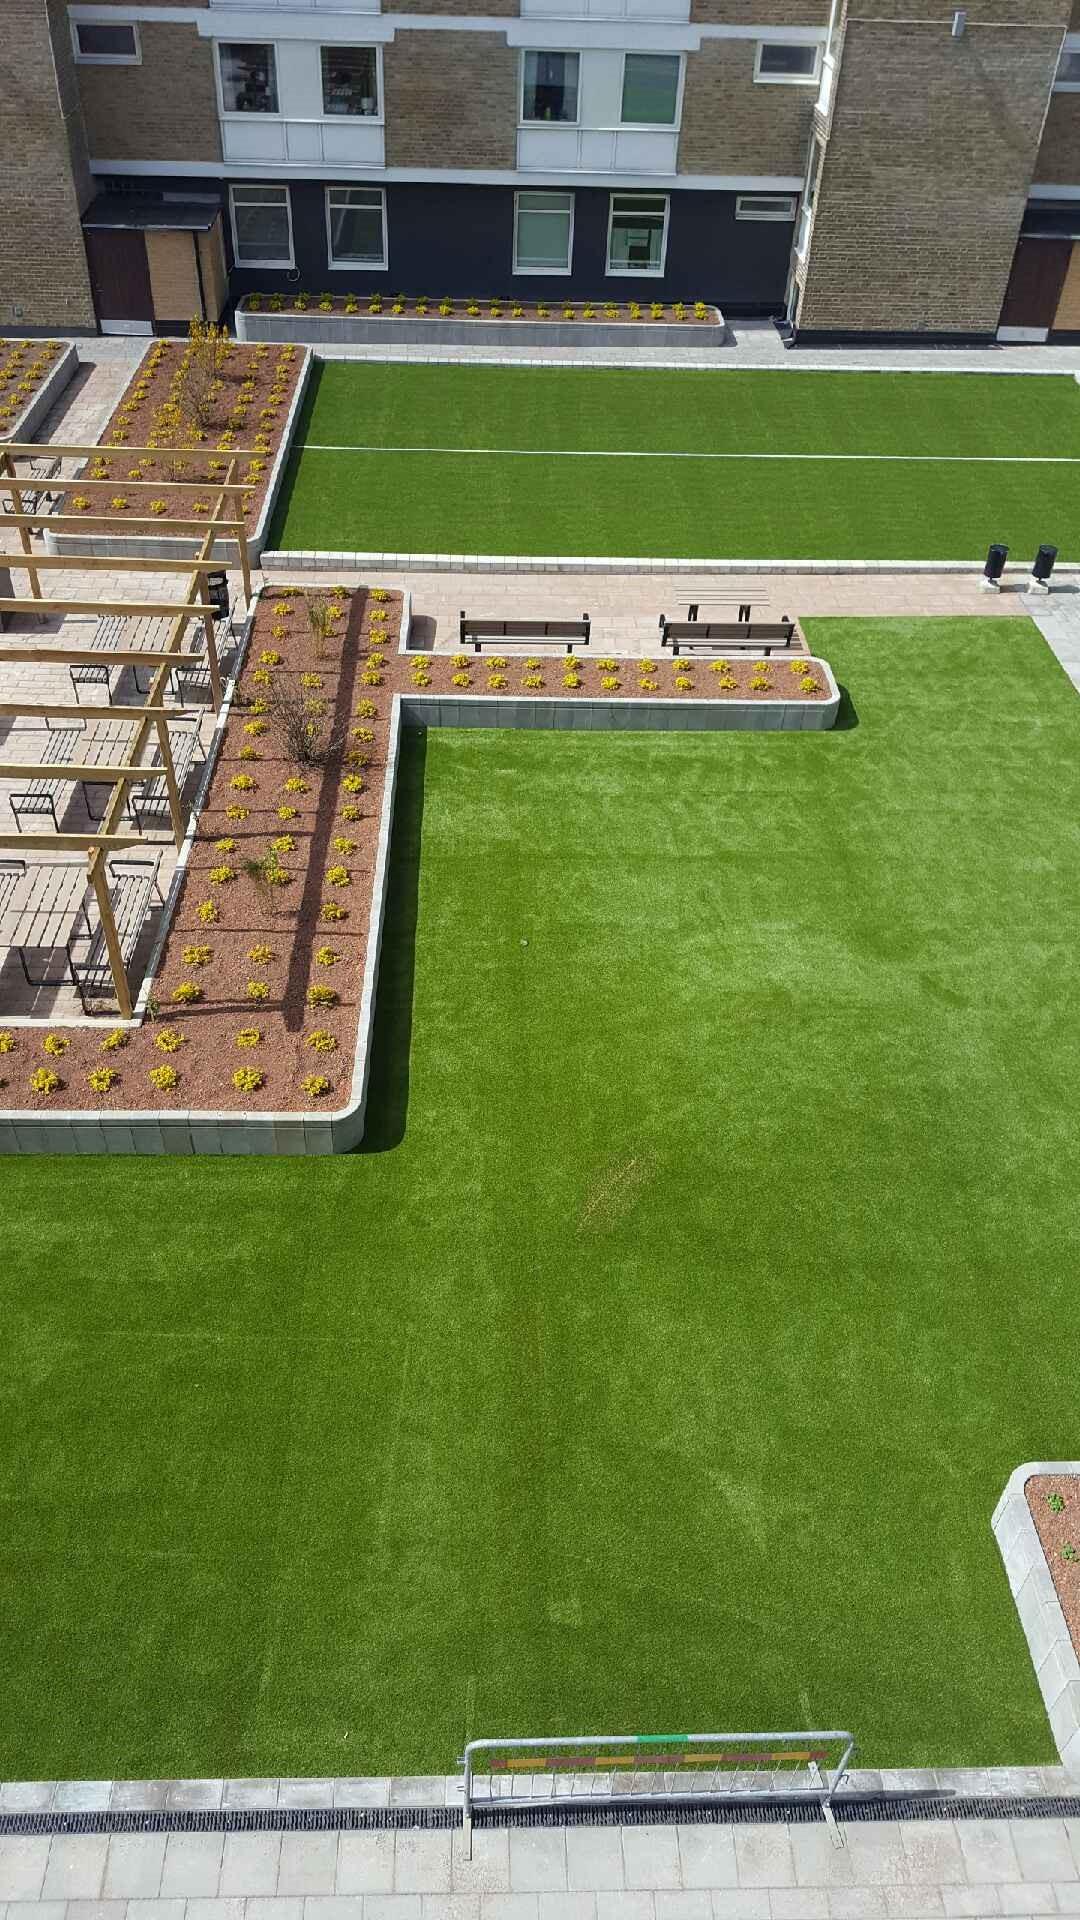 konstgräs takterrass terrass bostadsrättsföreningar unisport